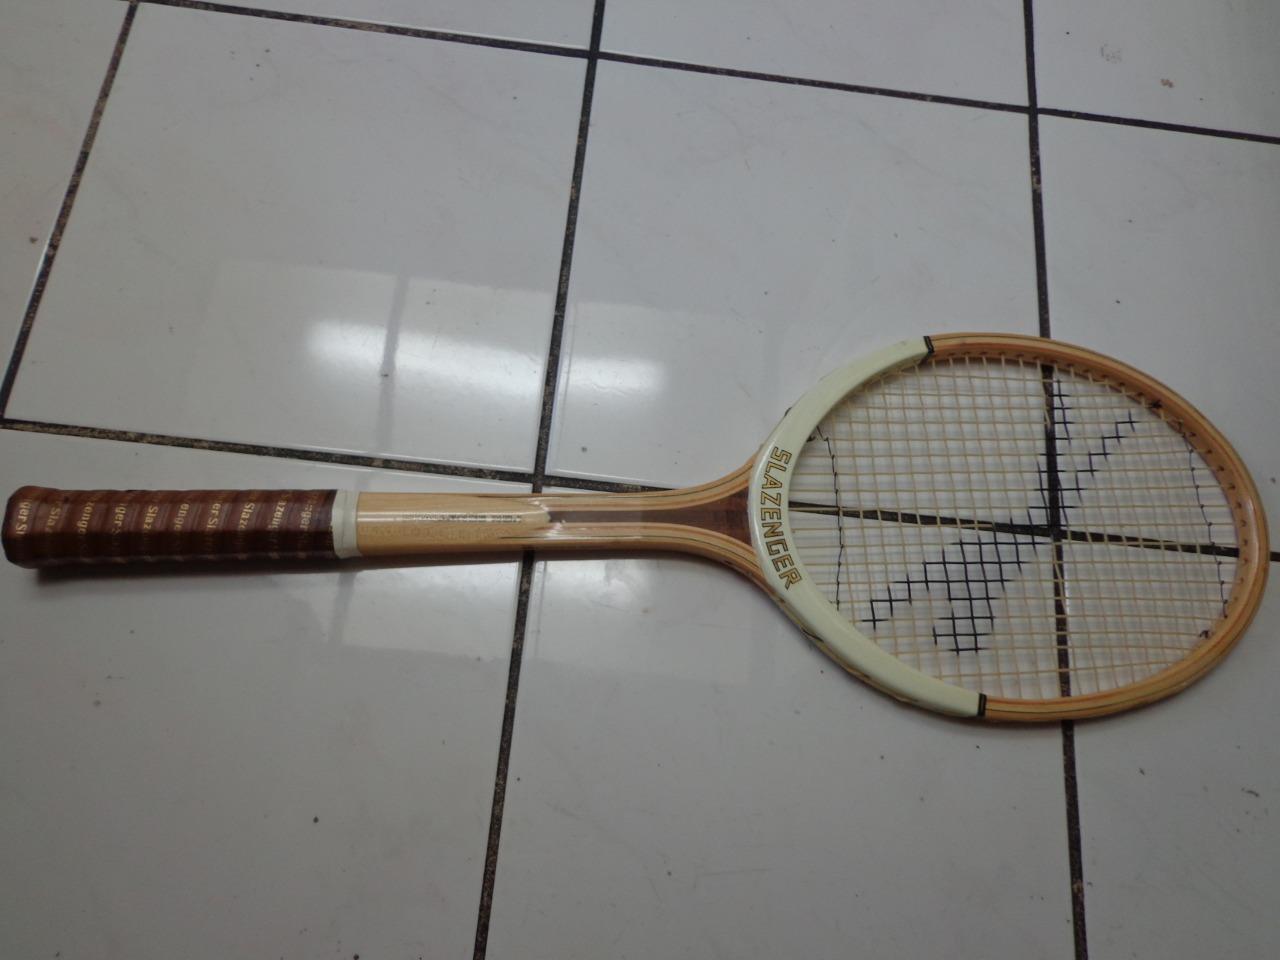 Slazenger Challenge 1 marcos de madera reproductor de colección 4 5 8 tenis raqueta